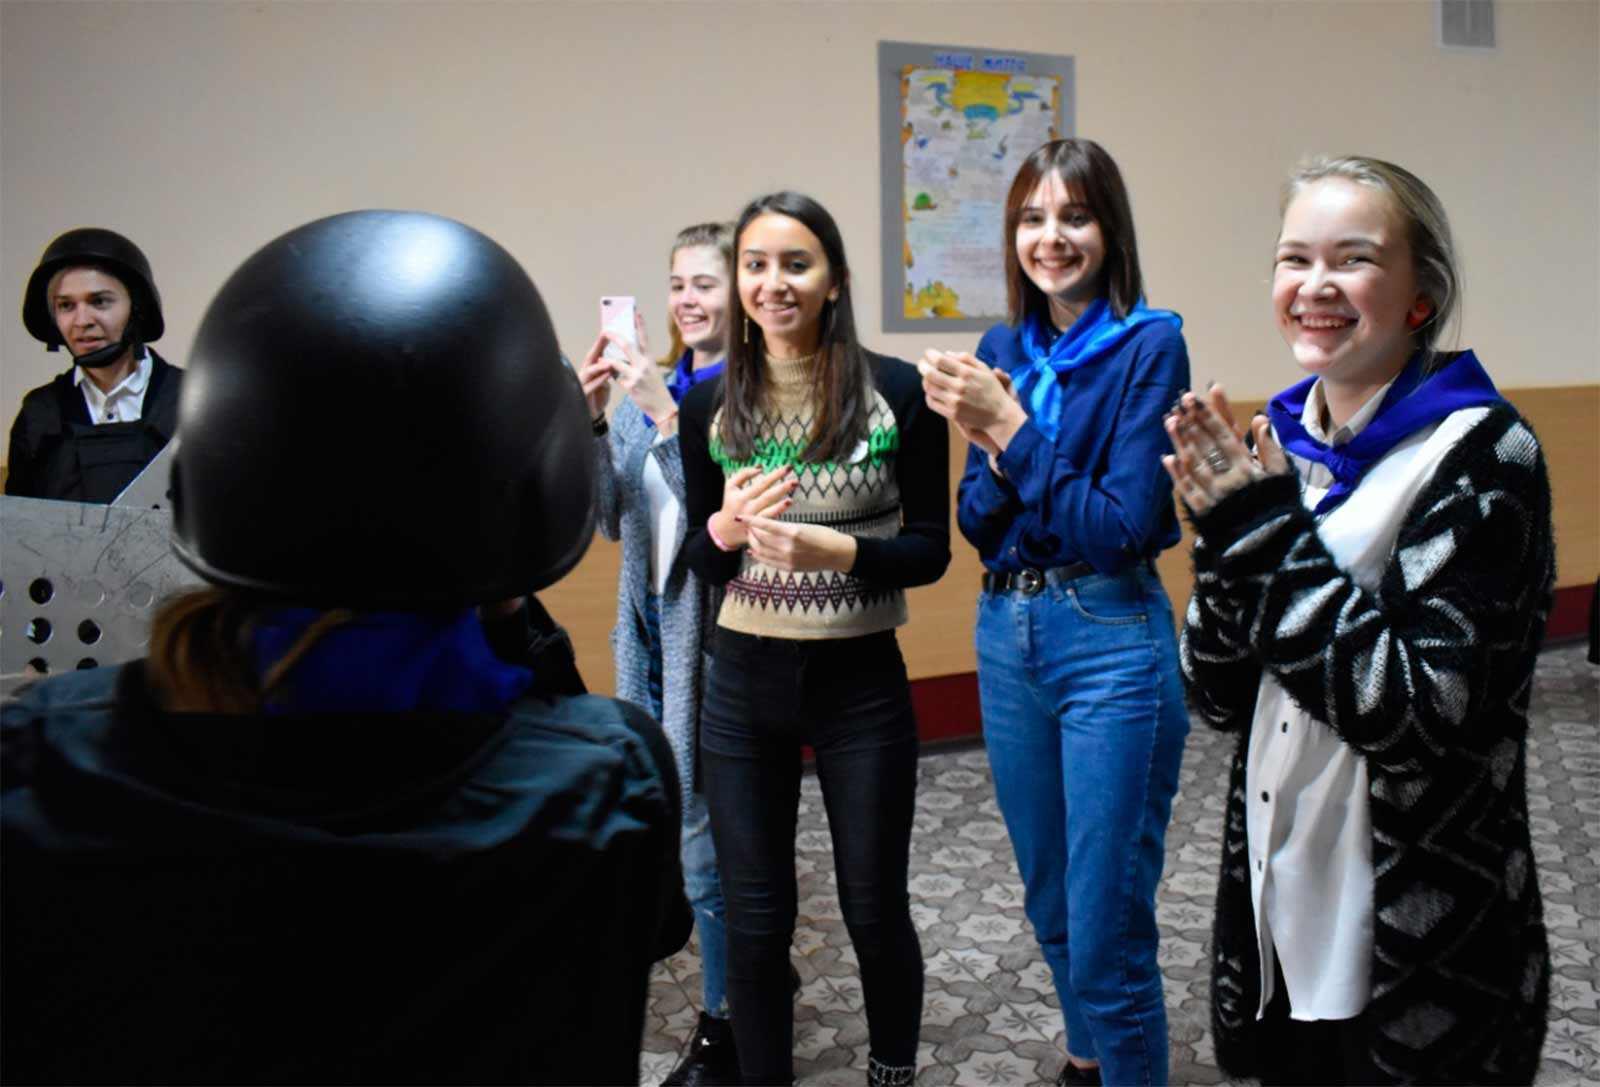 У захоплюючому квесті 80 школярів Дніпра освоювали професію поліцейського